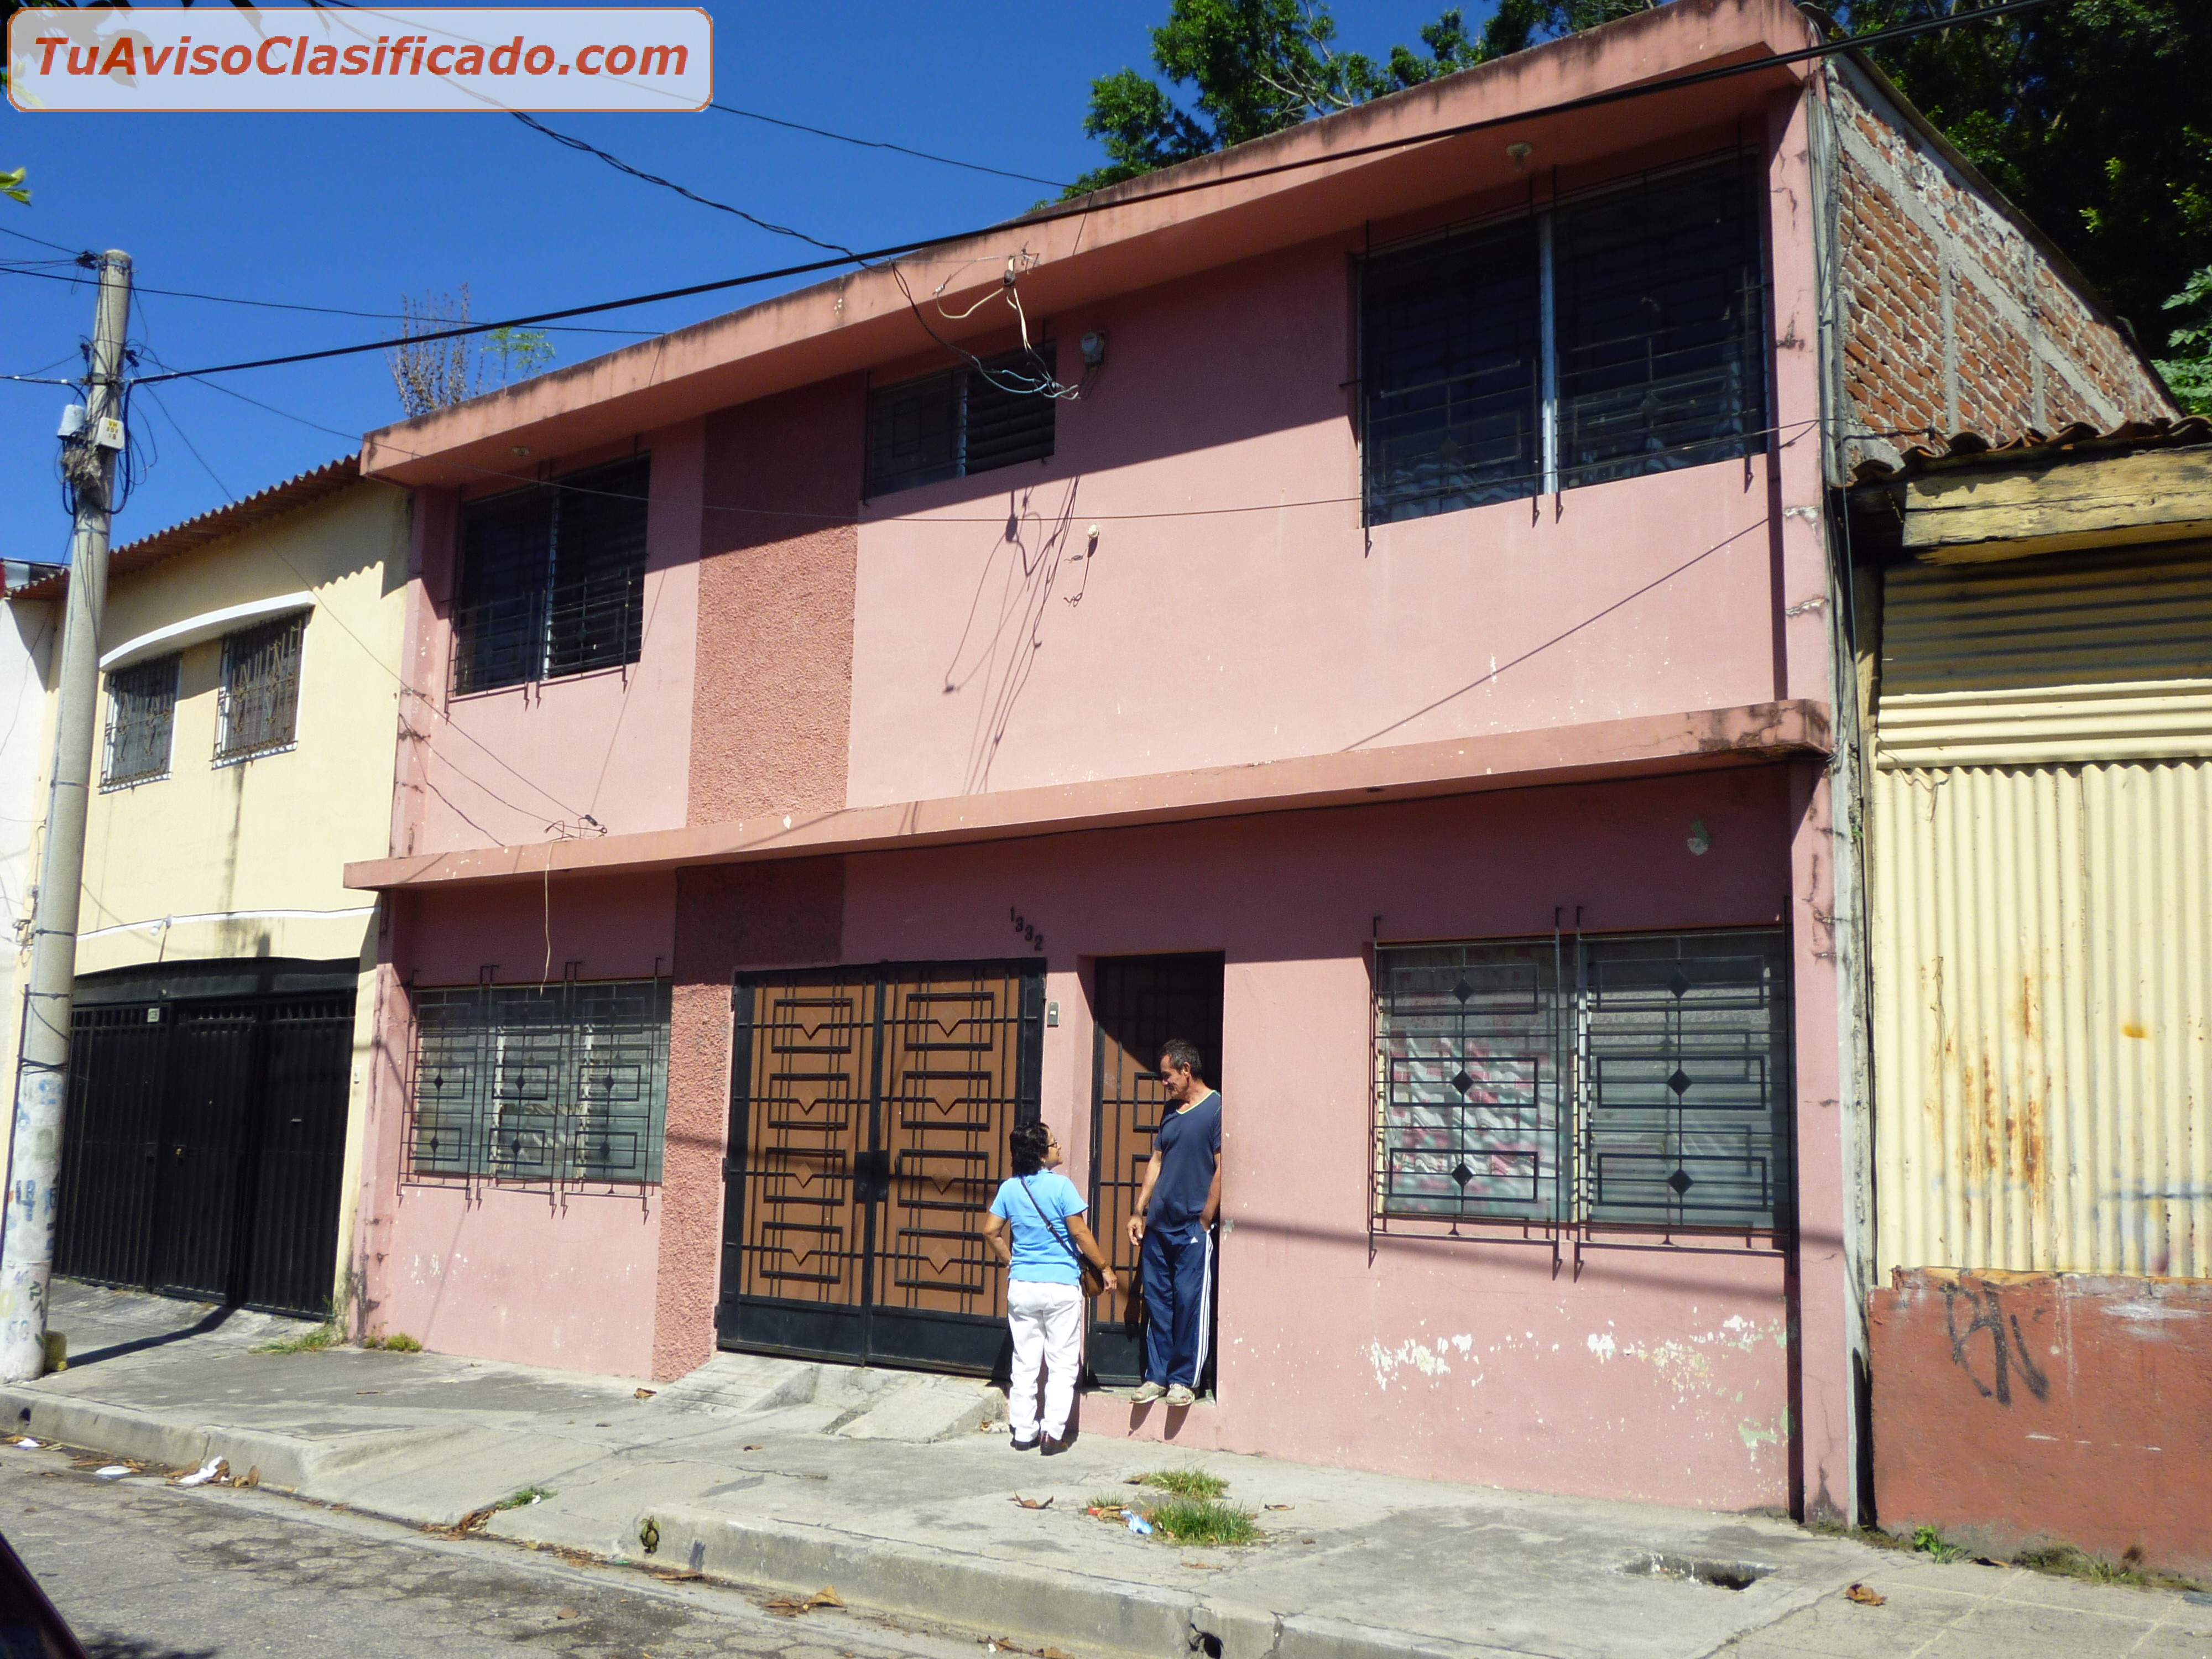 Venta de casa en colonia los arcos san salvador inmuebles y pro - Apartamentos en colonia ...